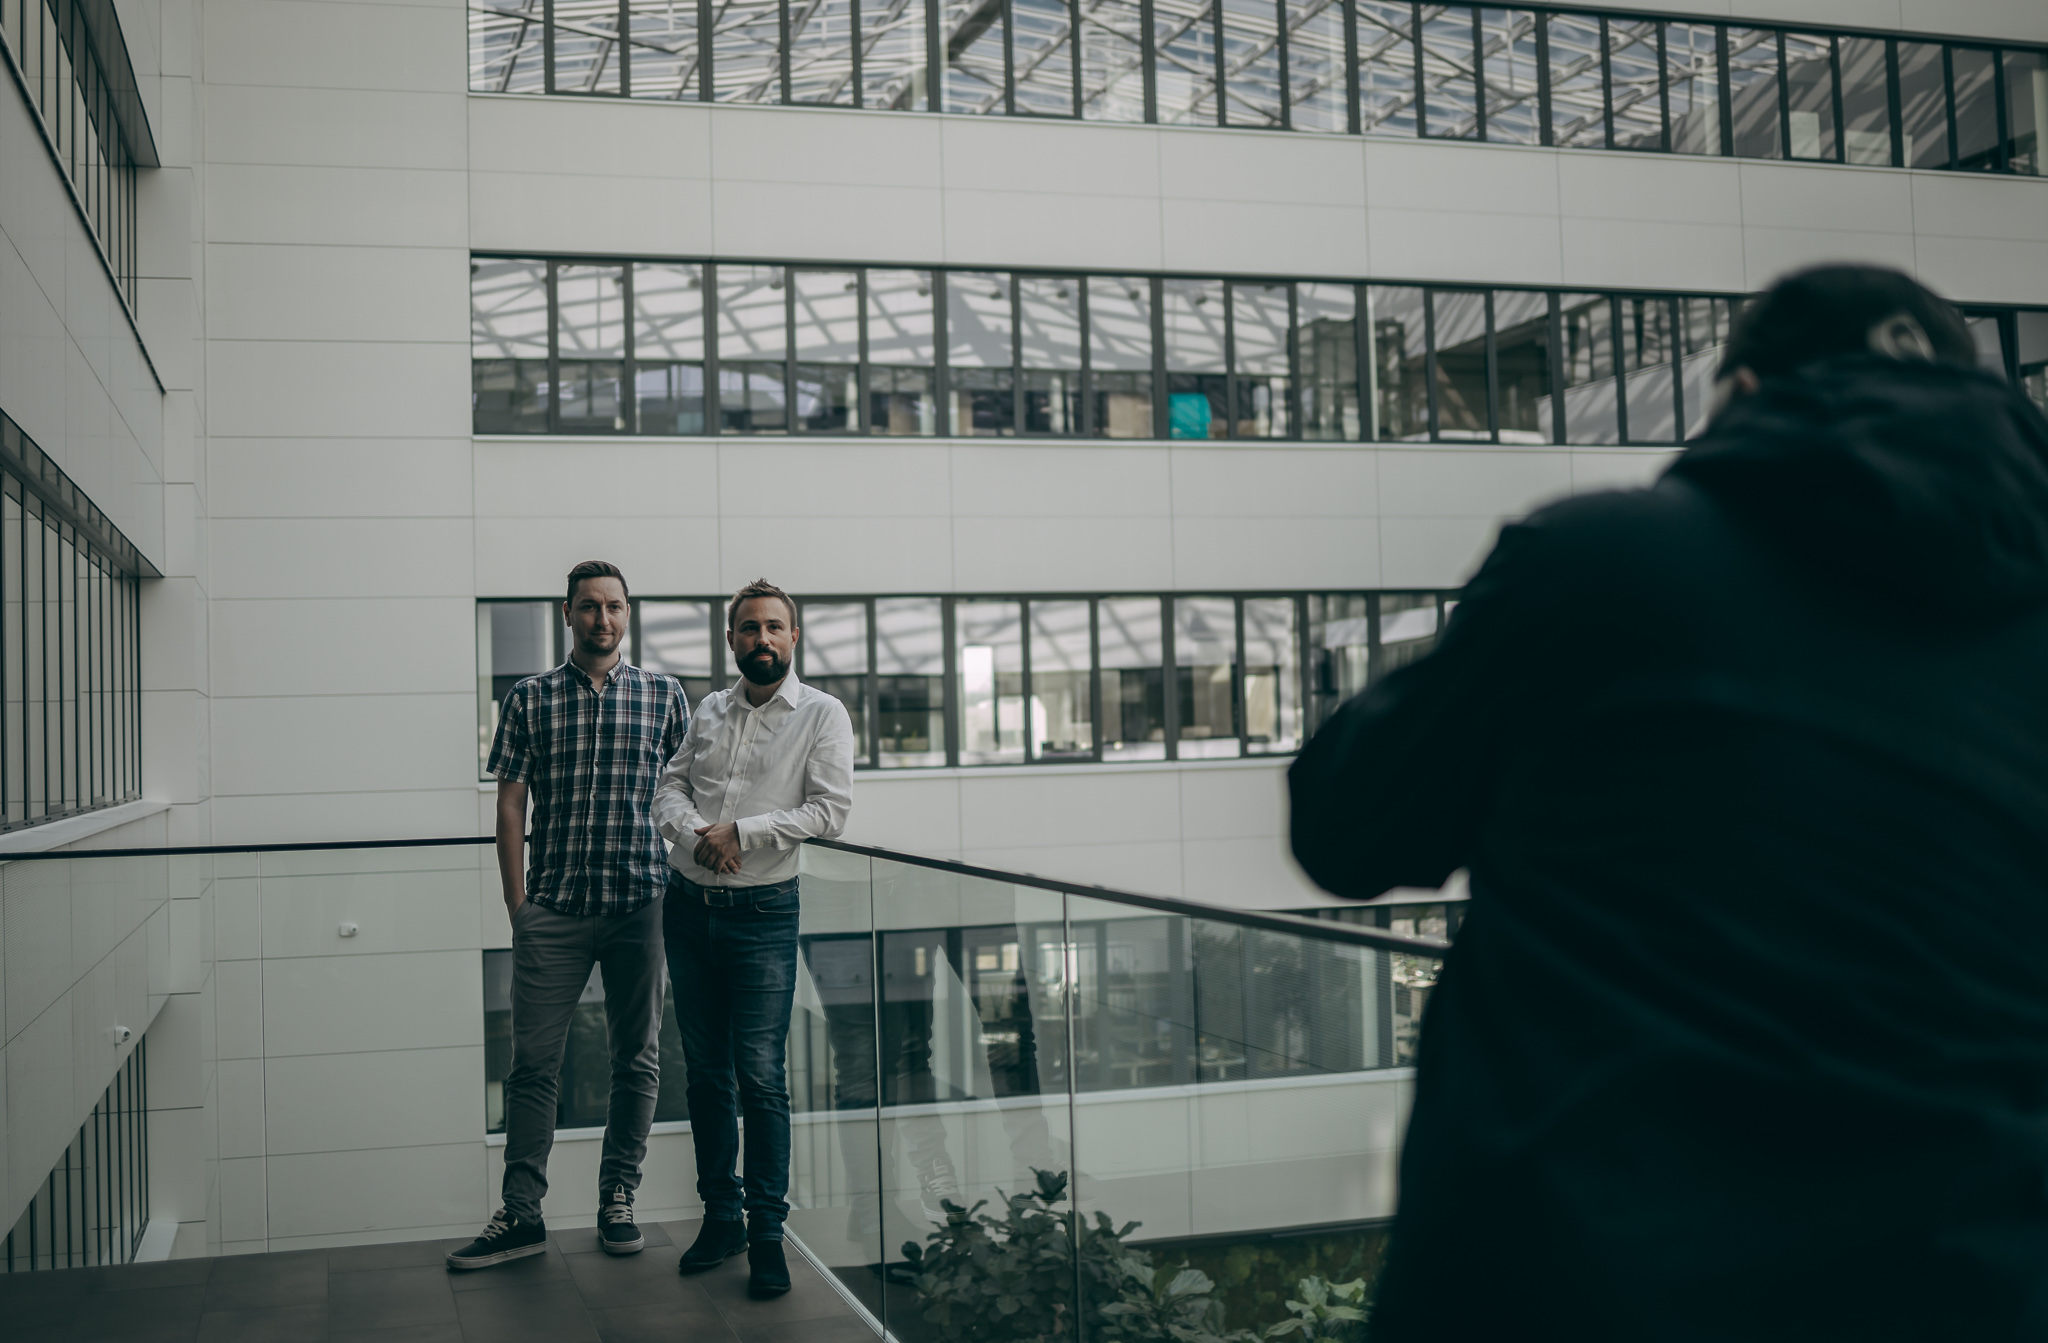 Clanok pre Forbes postova v Žiline - Dubec a Lodnan